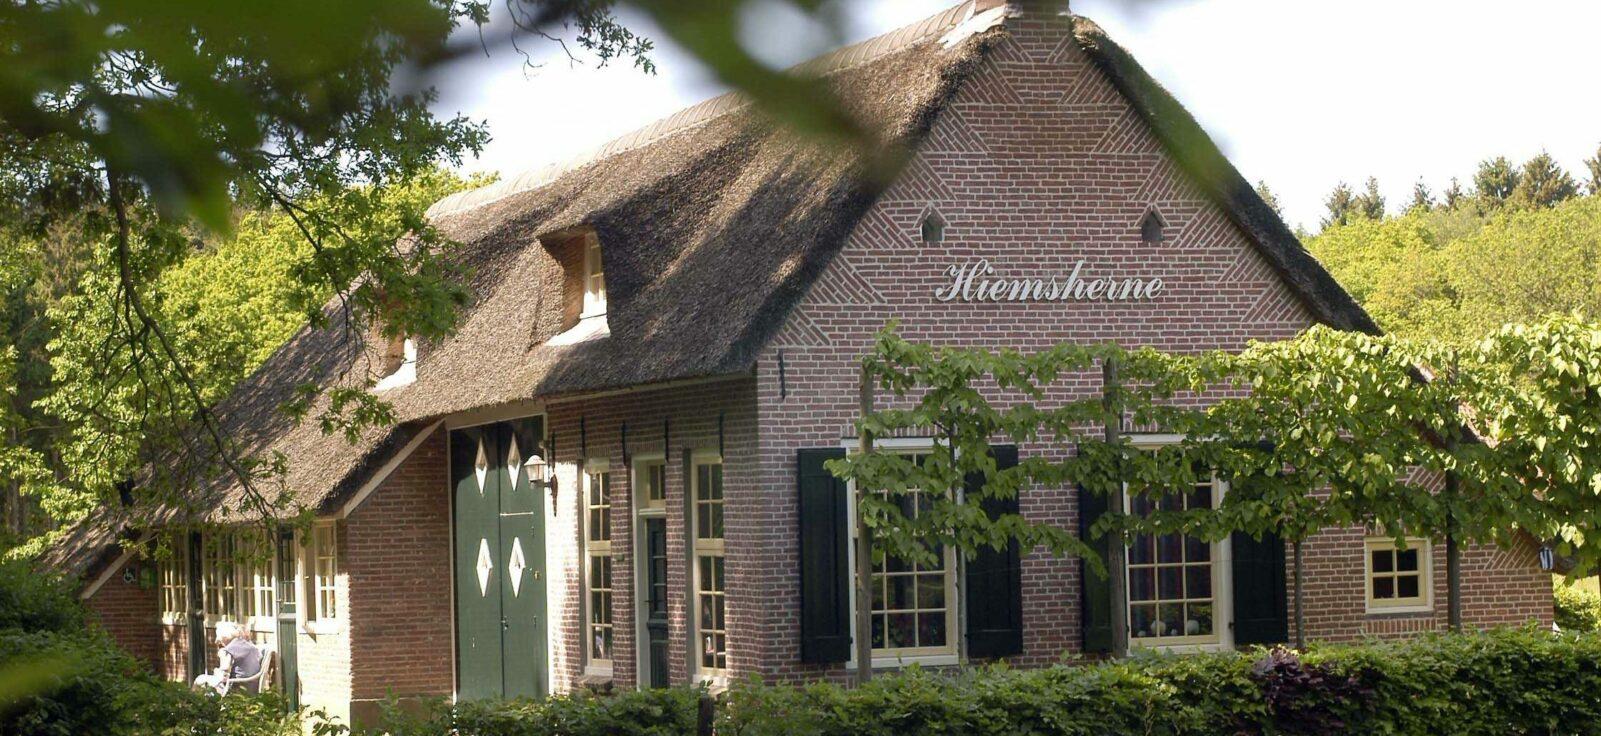 Groepsaccommodatie Hiemherne Steenwijk Overijssel (14 Pers)